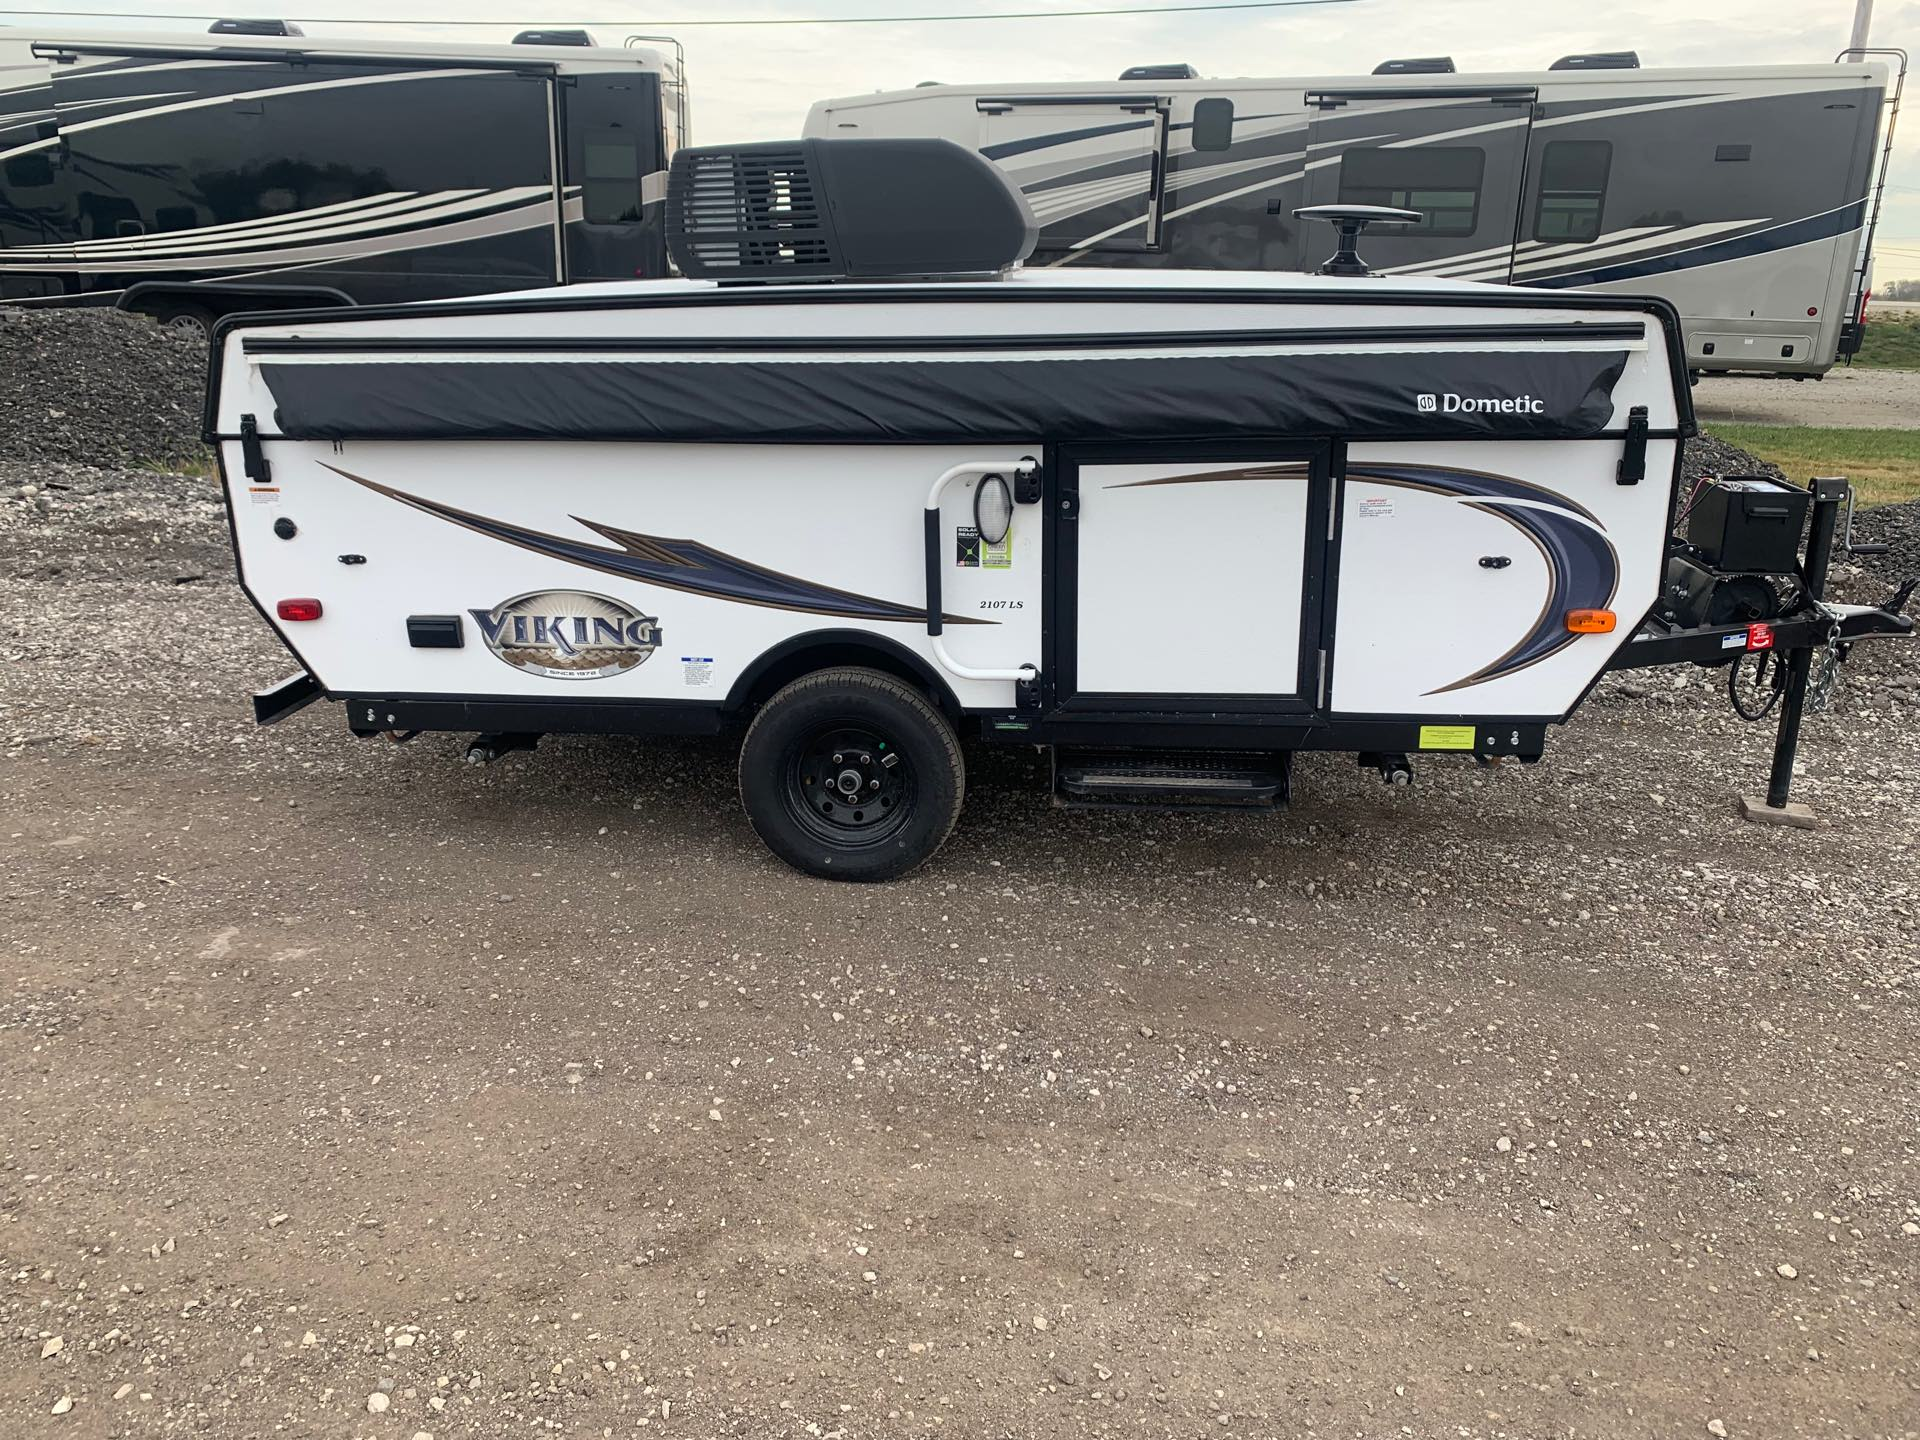 2018 Coachmen Viking LS 2107 LS at Prosser's Premium RV Outlet